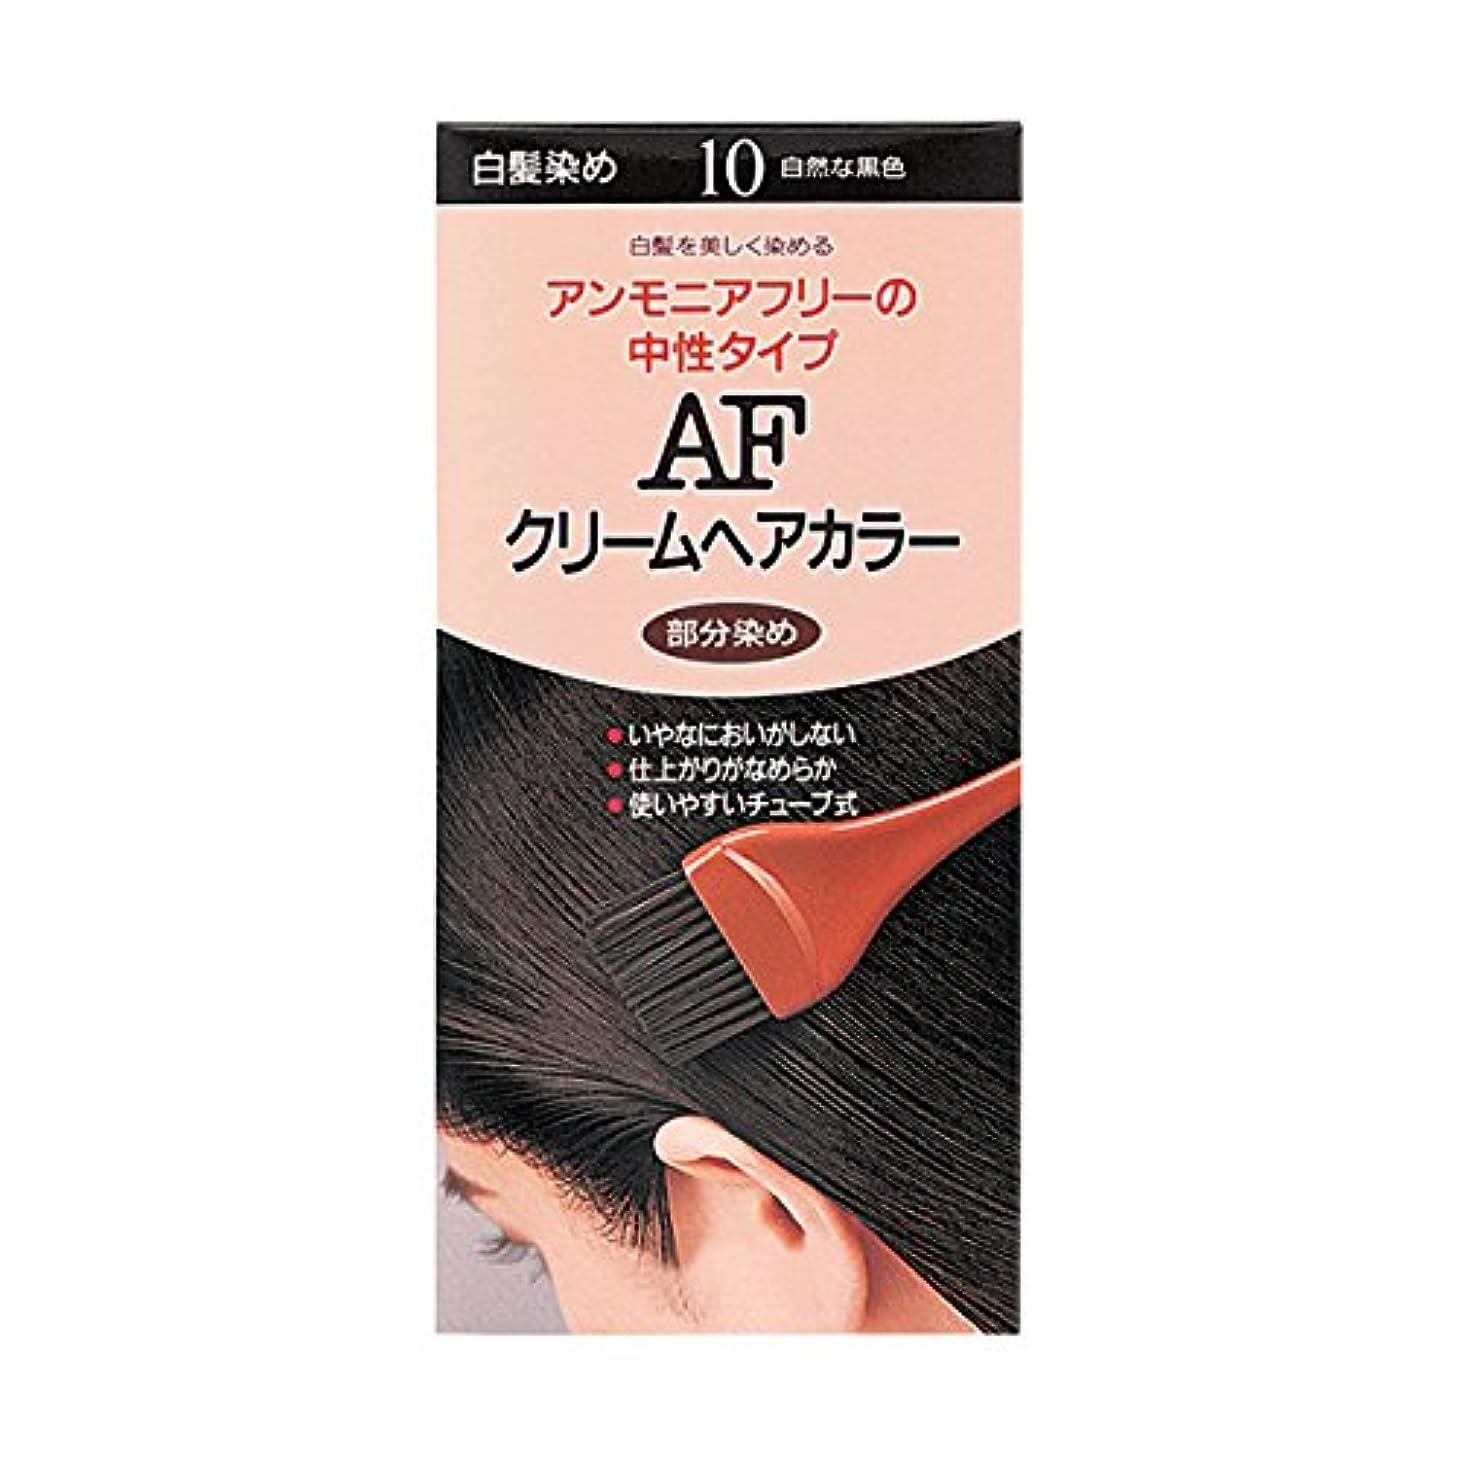 役職世代ポスト印象派ヘアカラー AFクリームヘアカラー 10 【医薬部外品】